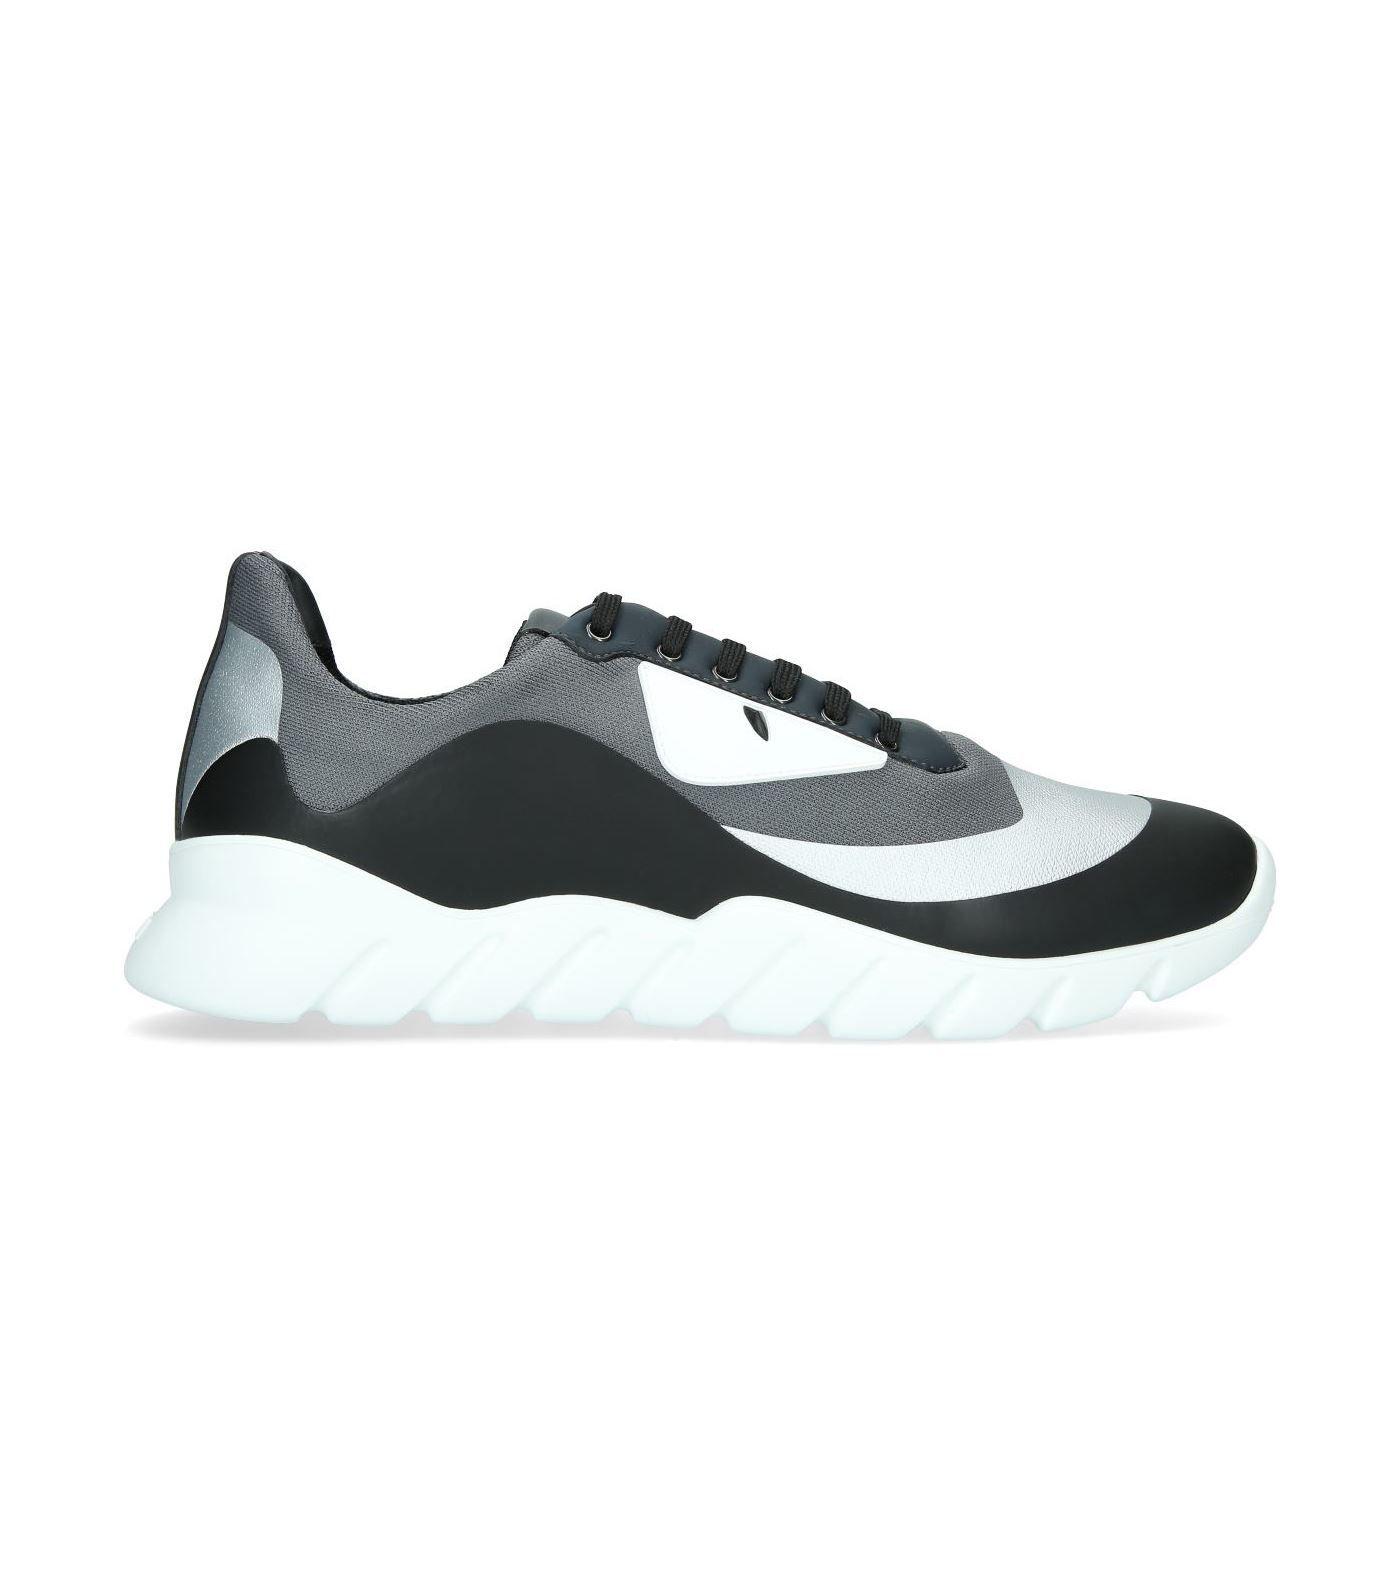 3dd92b962b8bd FENDI MONSTER EYES RUNNER SNEAKERS.  fendi  shoes